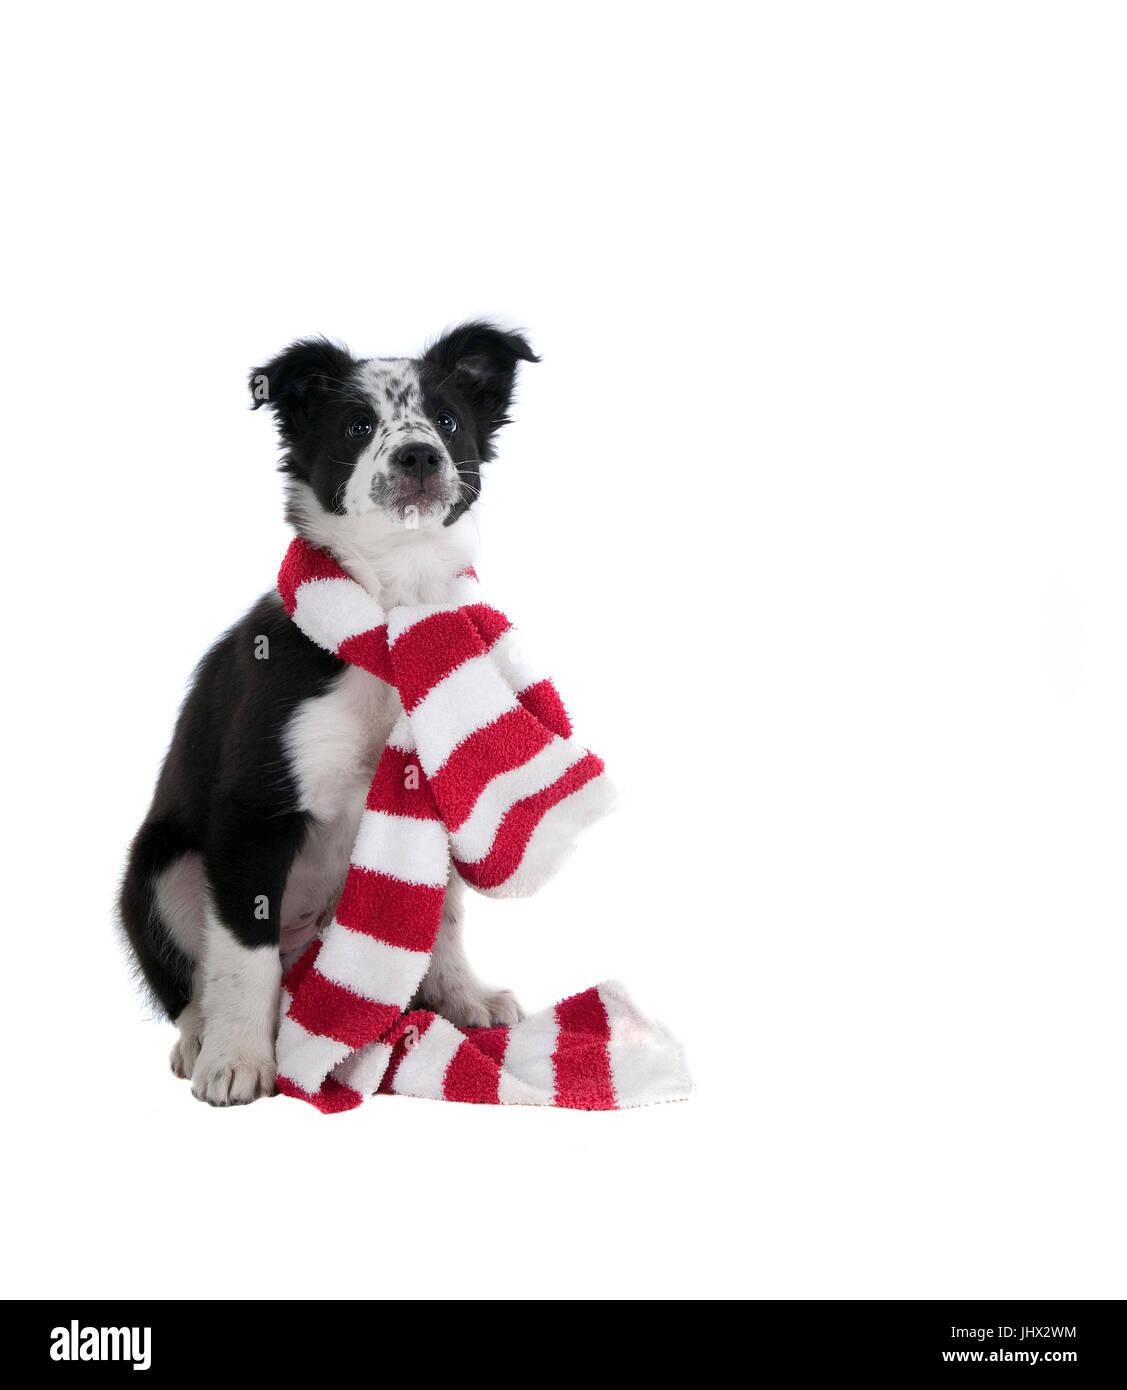 Cute Black und White Border Collie Welpen Hund in Urlaub Weihnachten ...